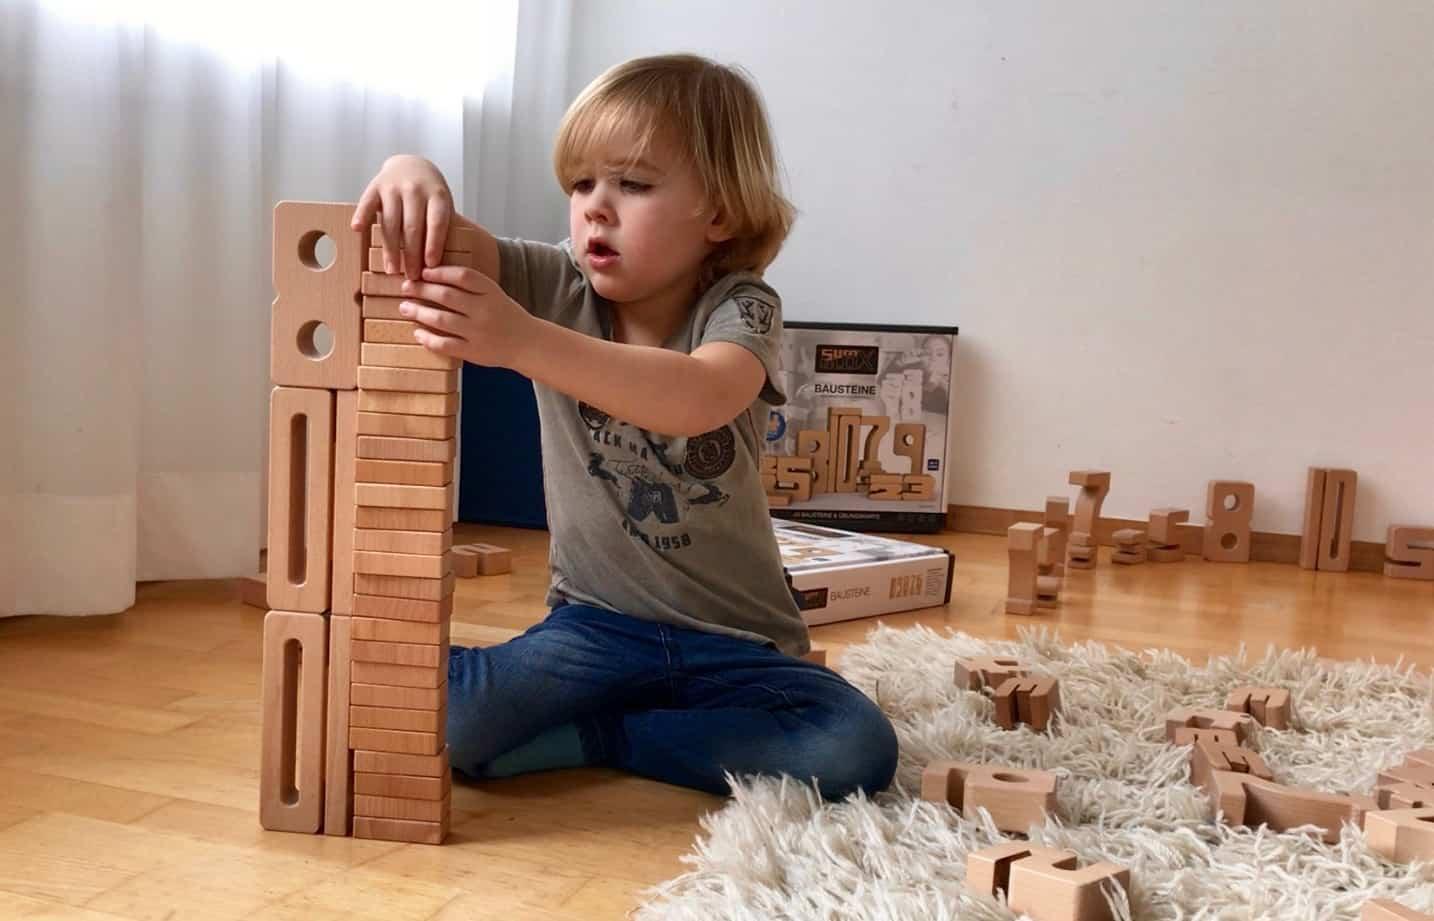 4-jähriger baut Türme im Zahlenraum bis 30